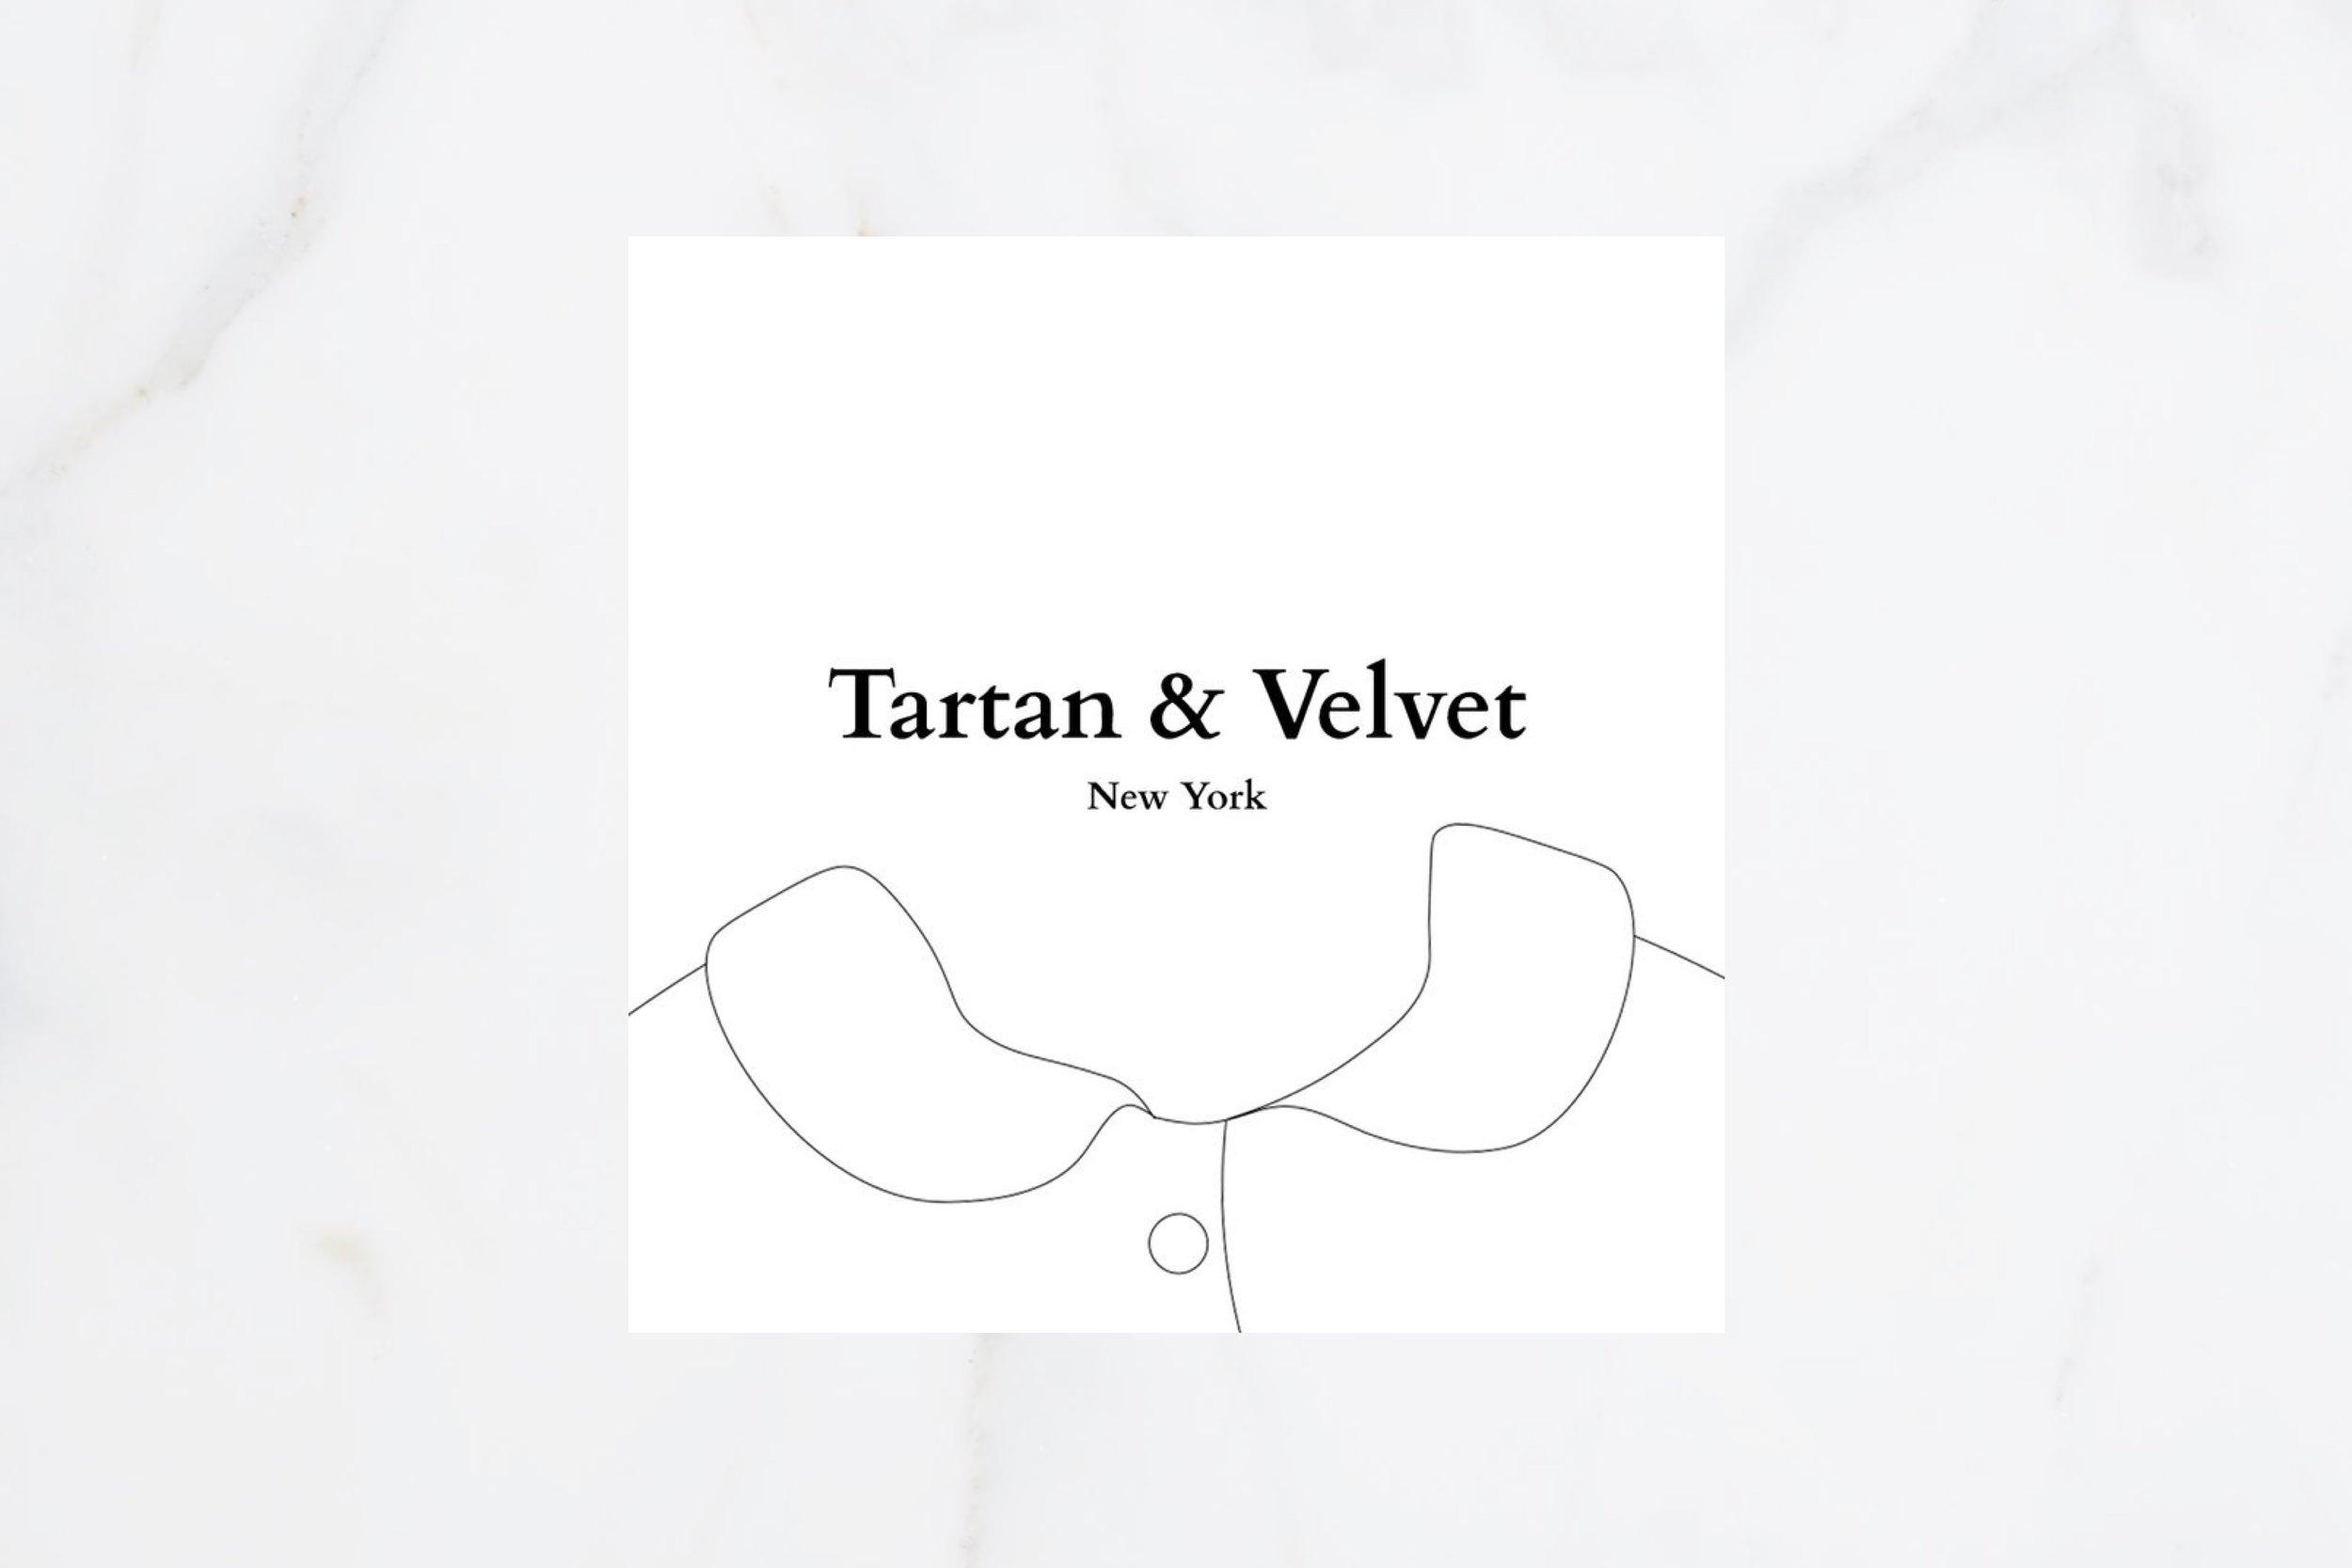 Tartan and velvet pagekgjkhvg.jpg